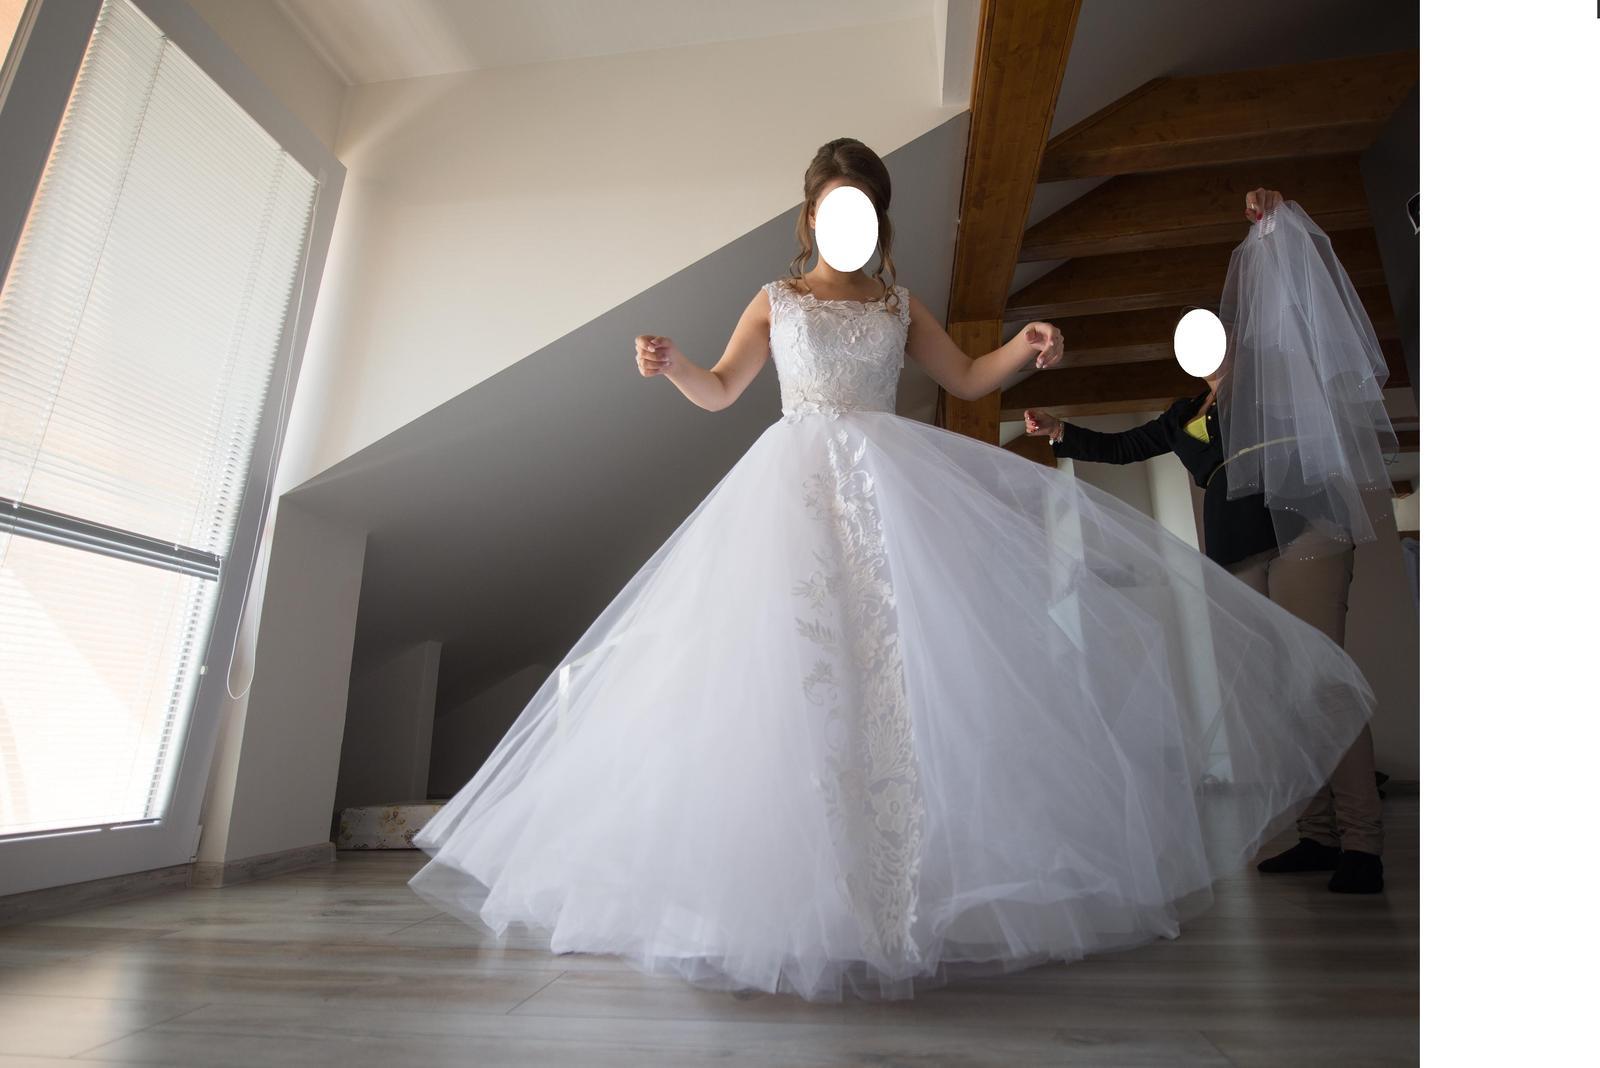 Biele svadobné šaty s vlečkou 36-38 - Obrázok č. 2